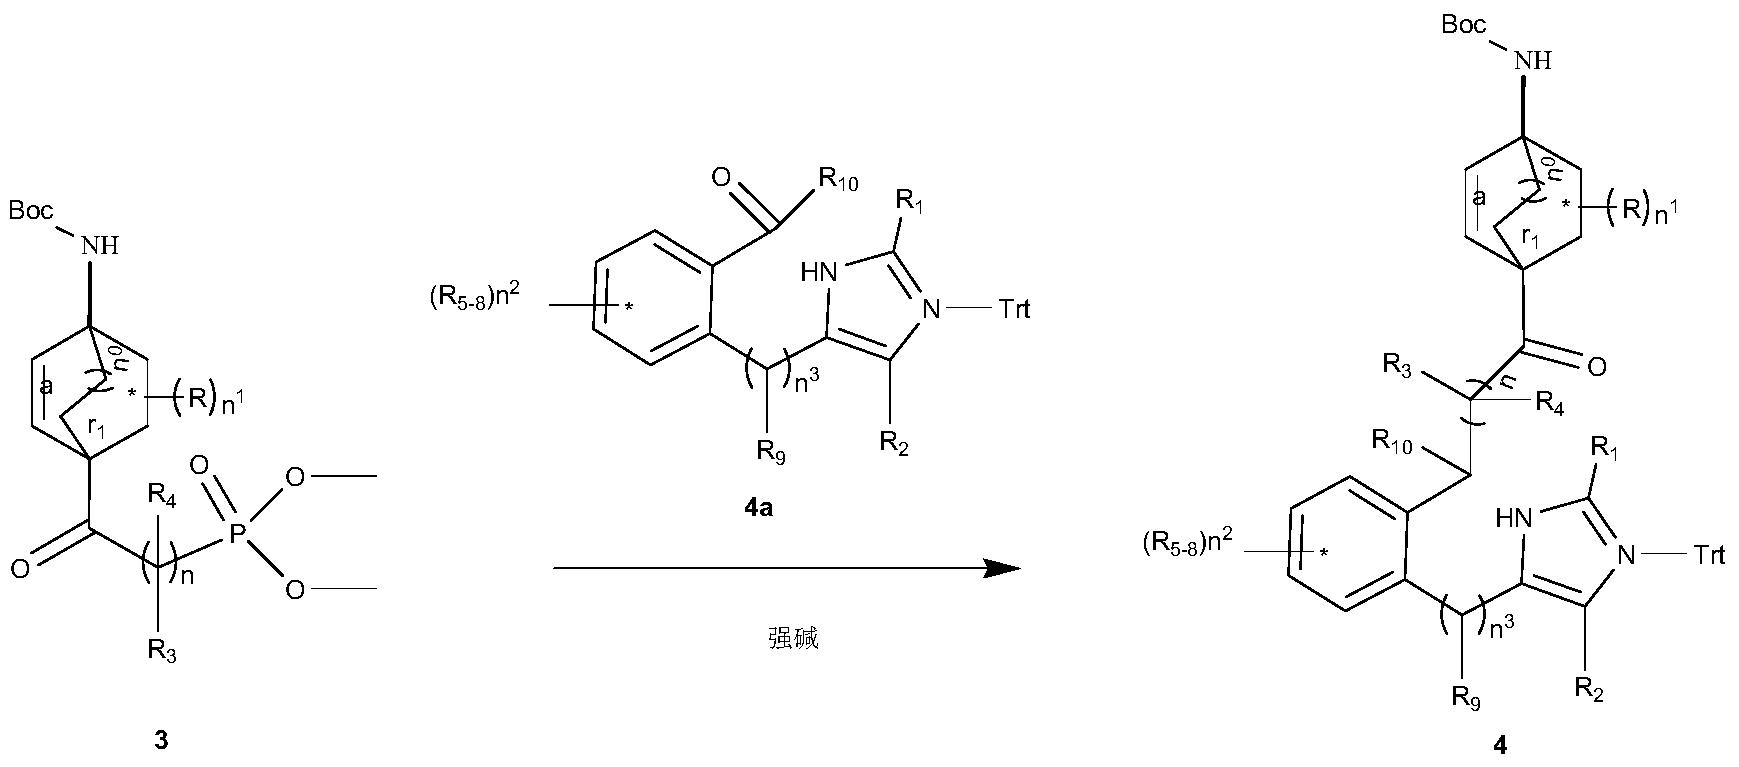 Figure PCTCN2017084604-appb-000058